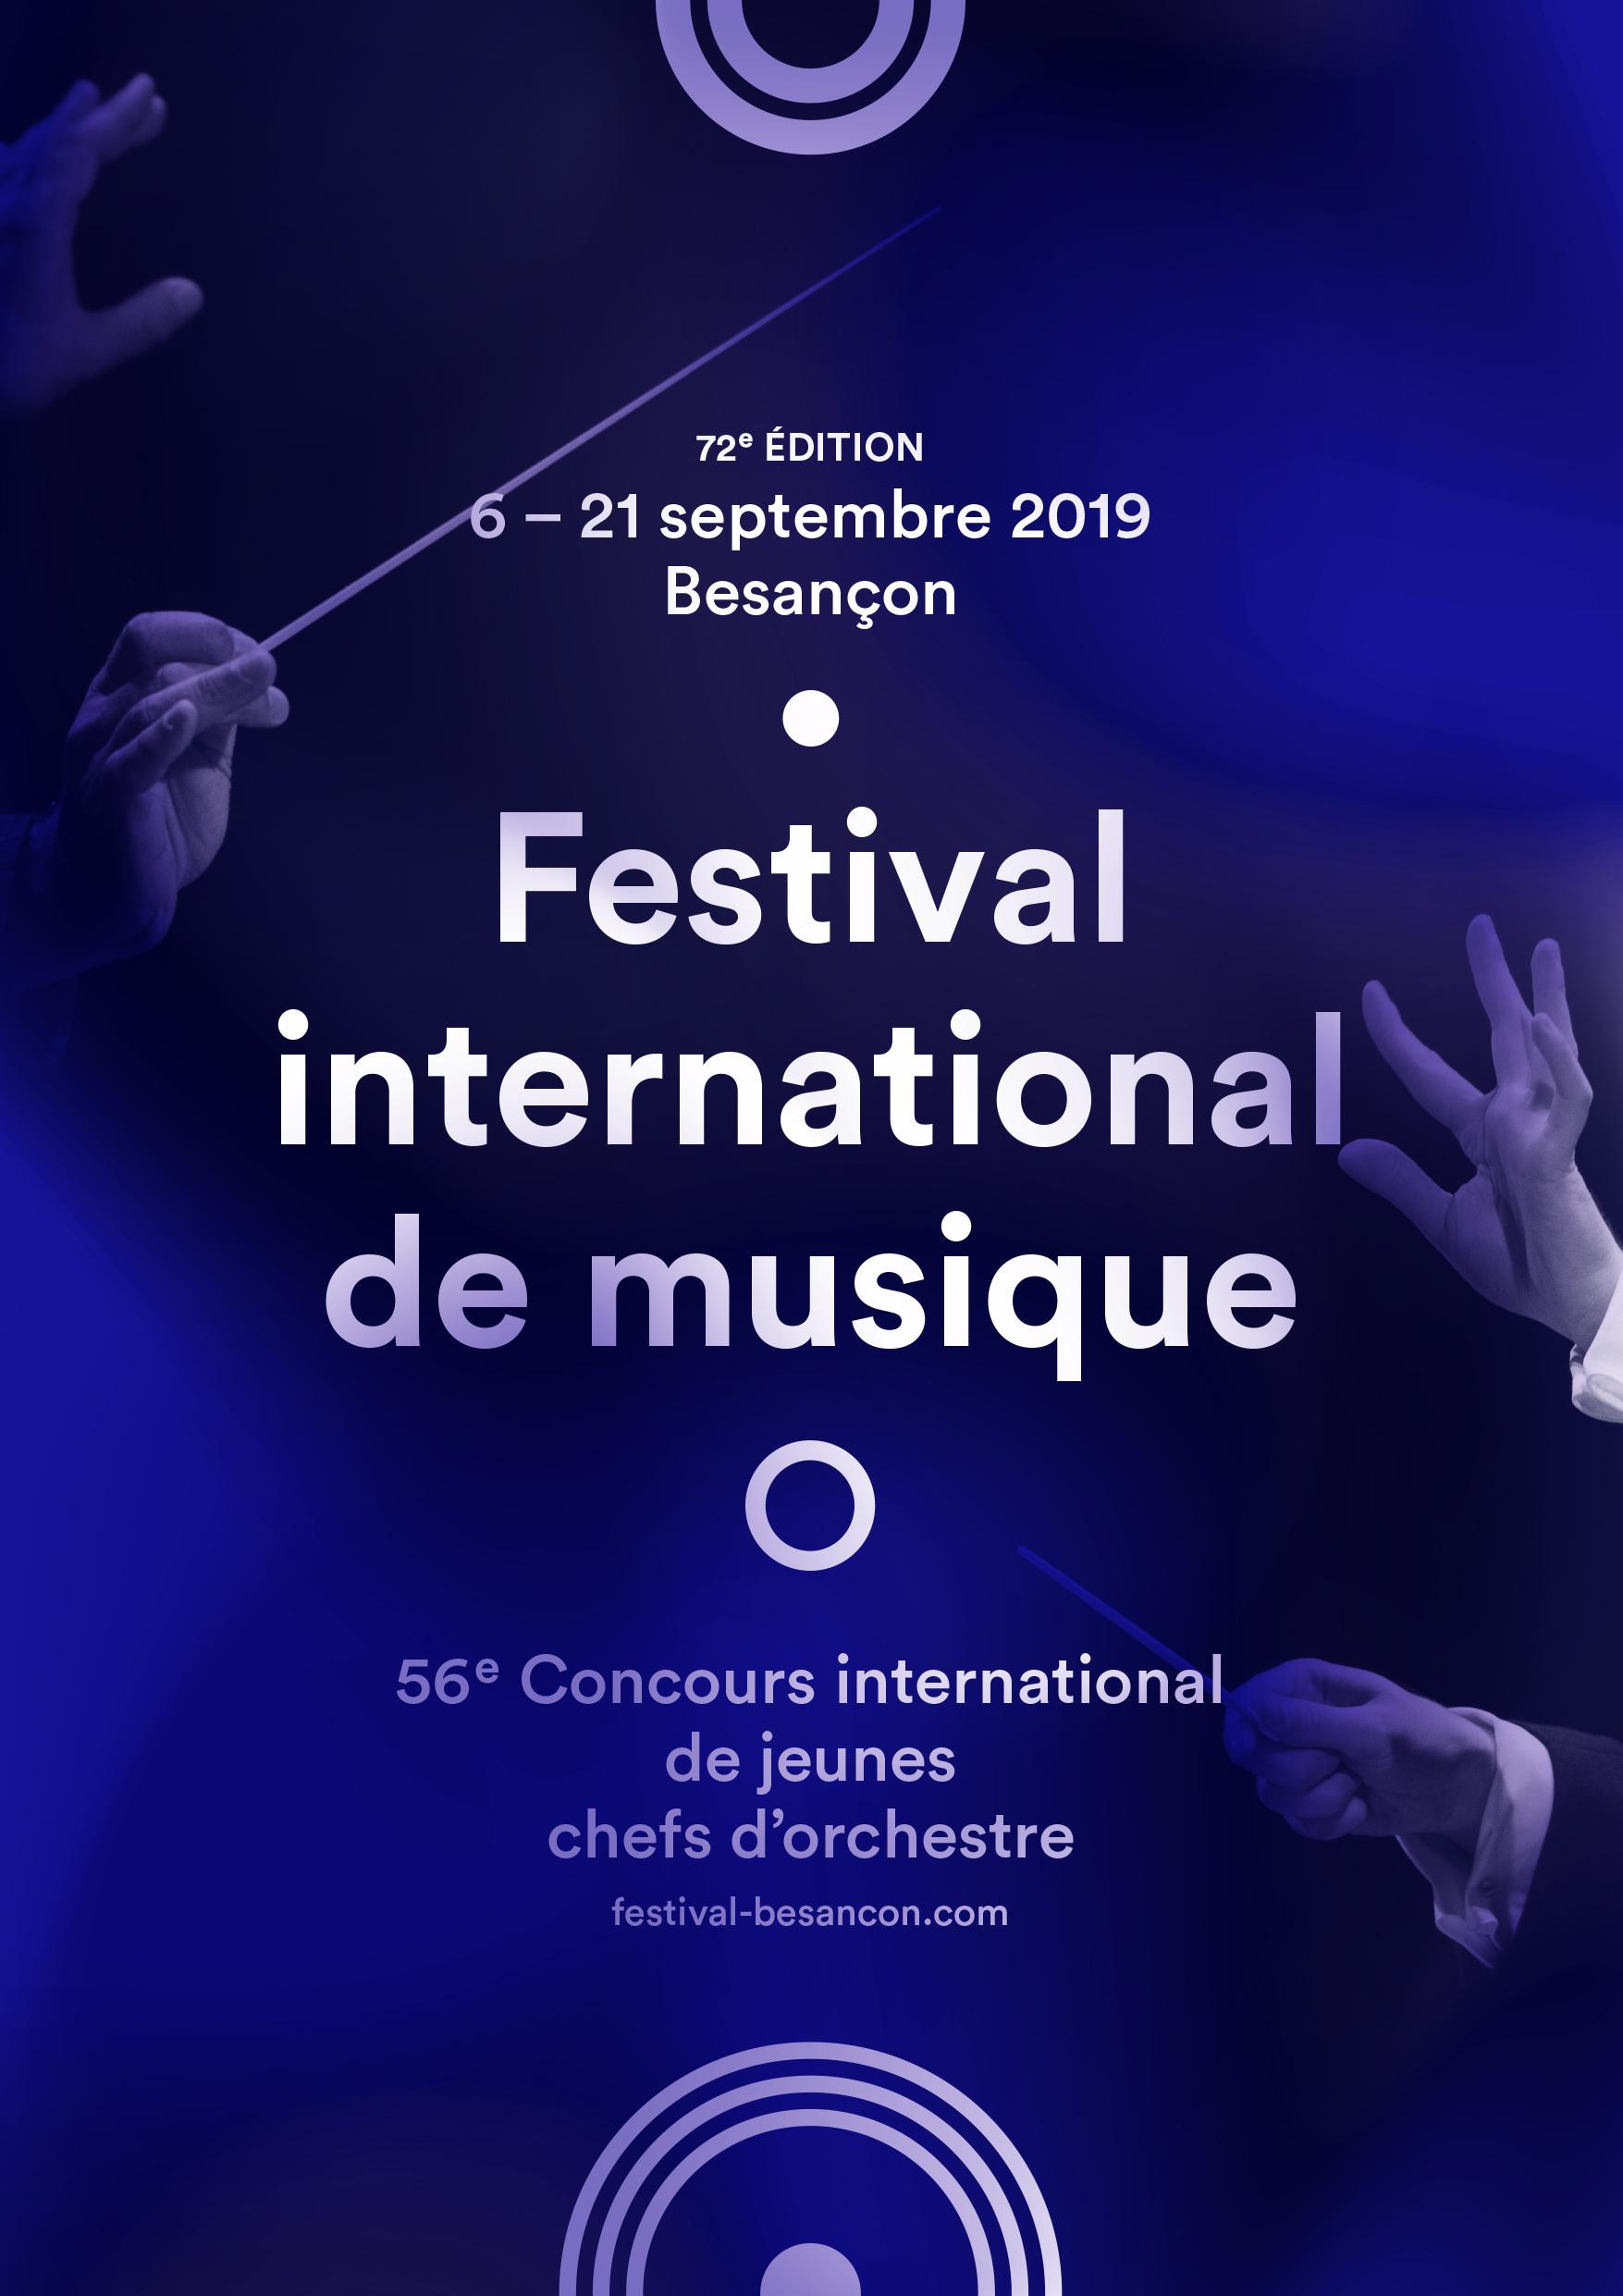 Festival international de musique – Besançon – du 6 au 21 septembre 2019